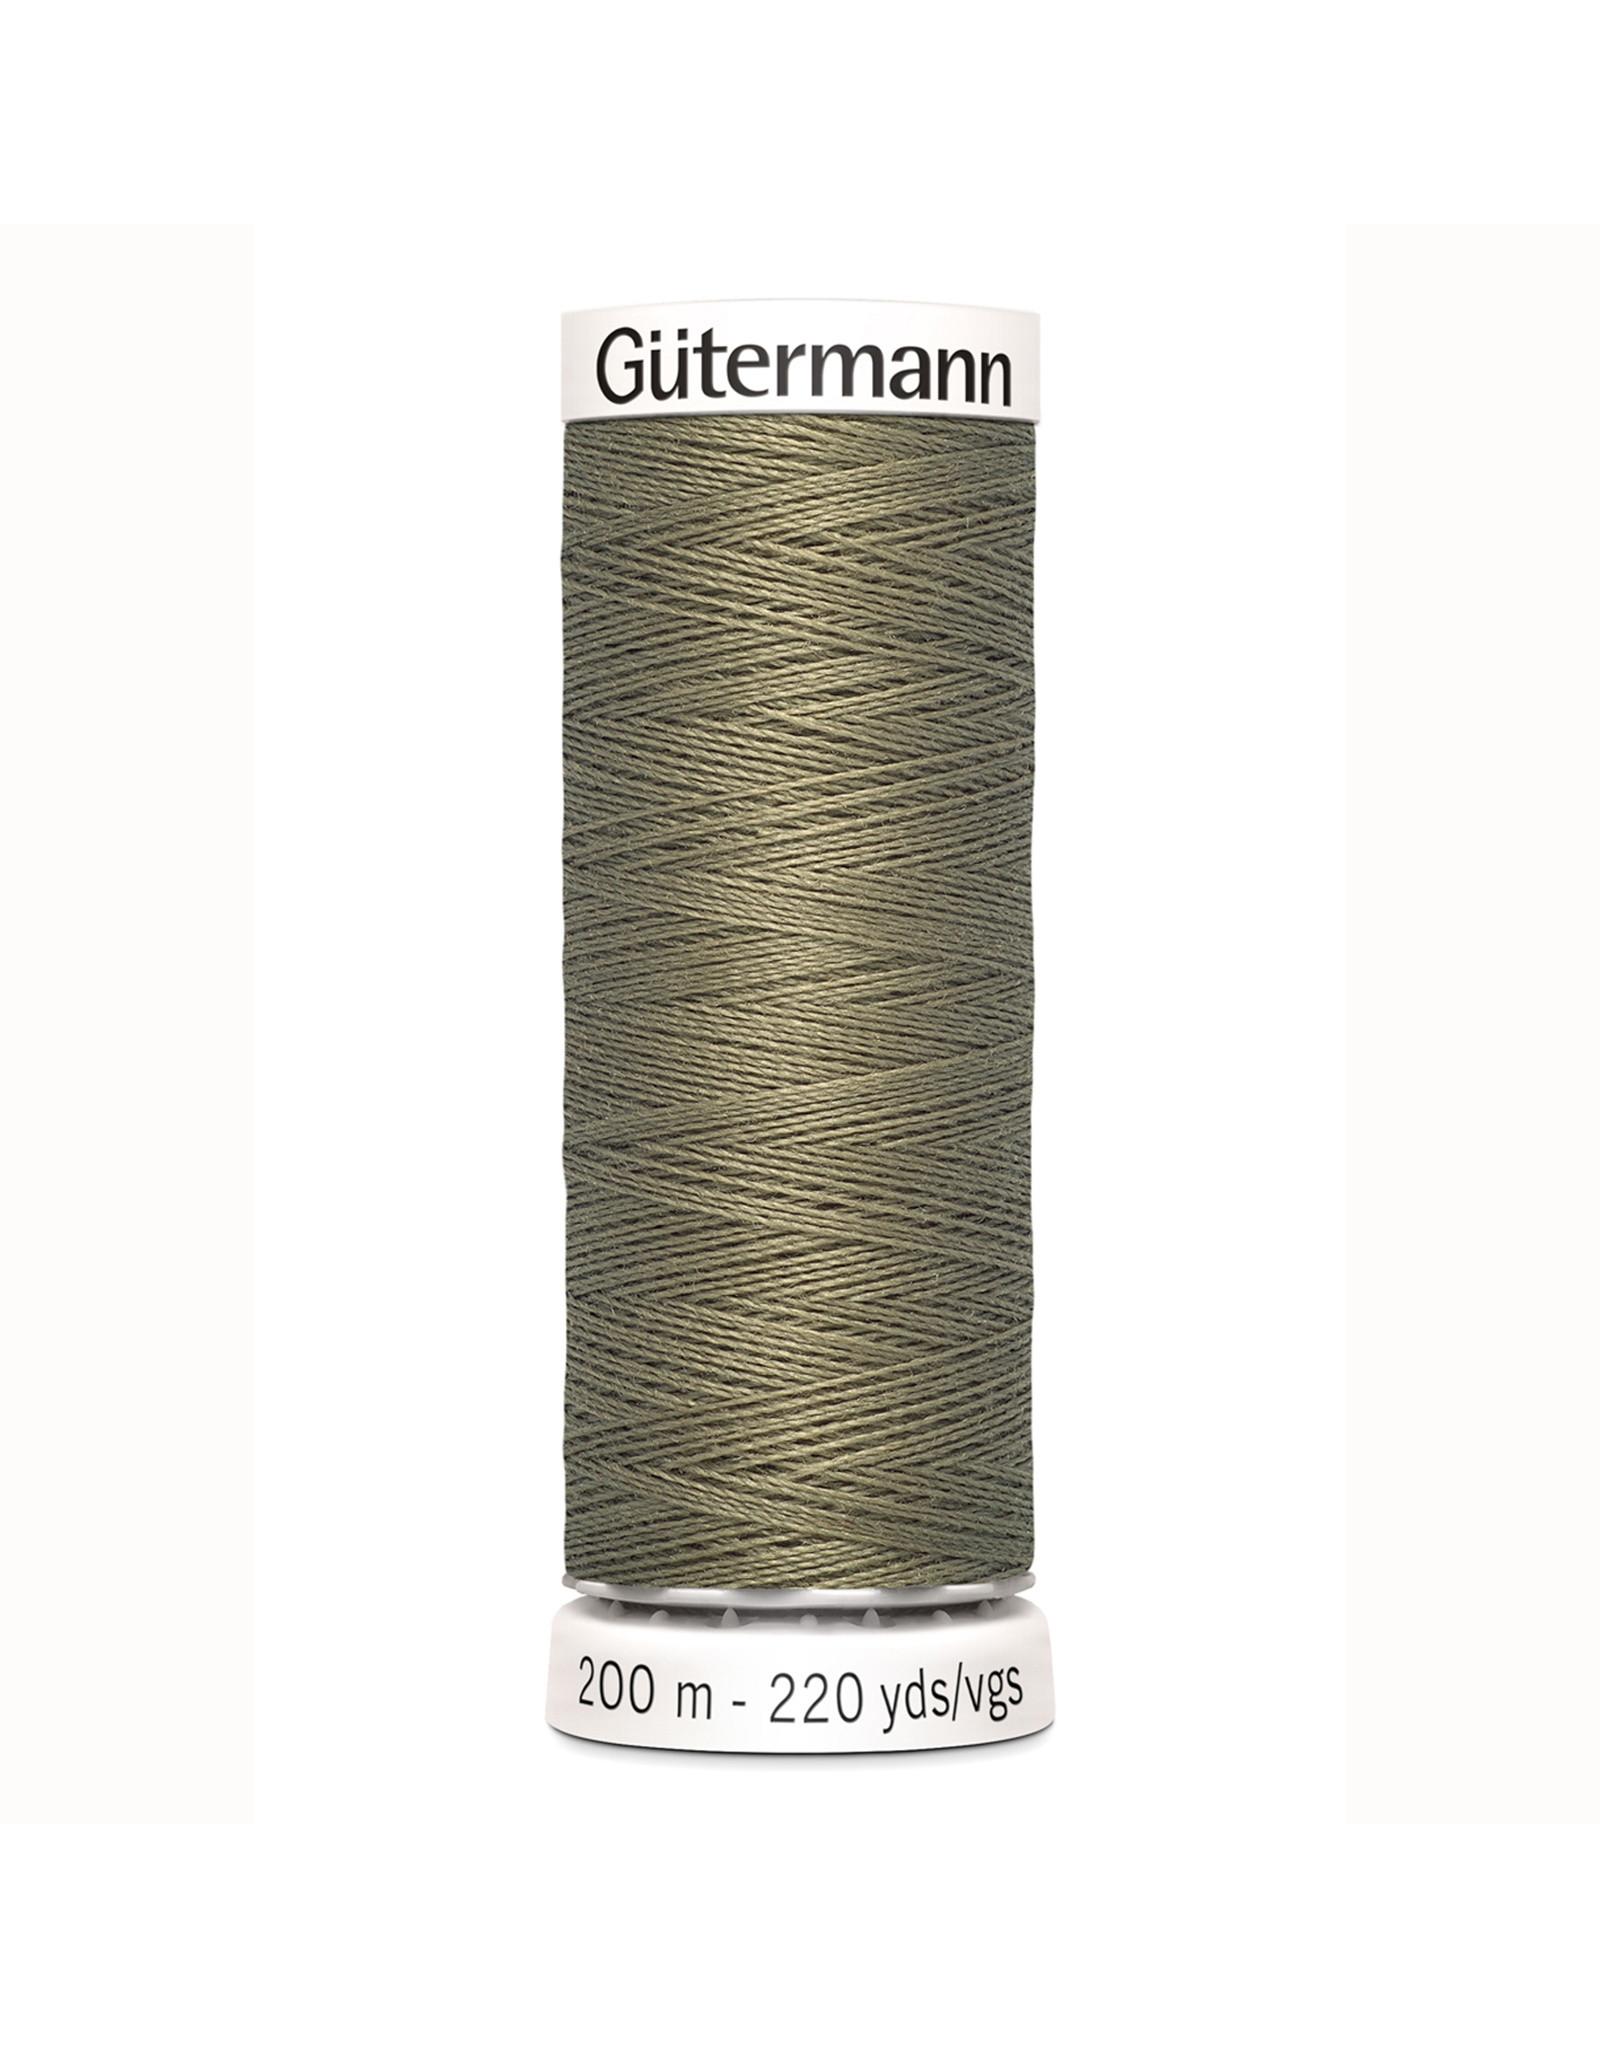 Gütermann Gütermann Nähgarn 200 m - nr 264